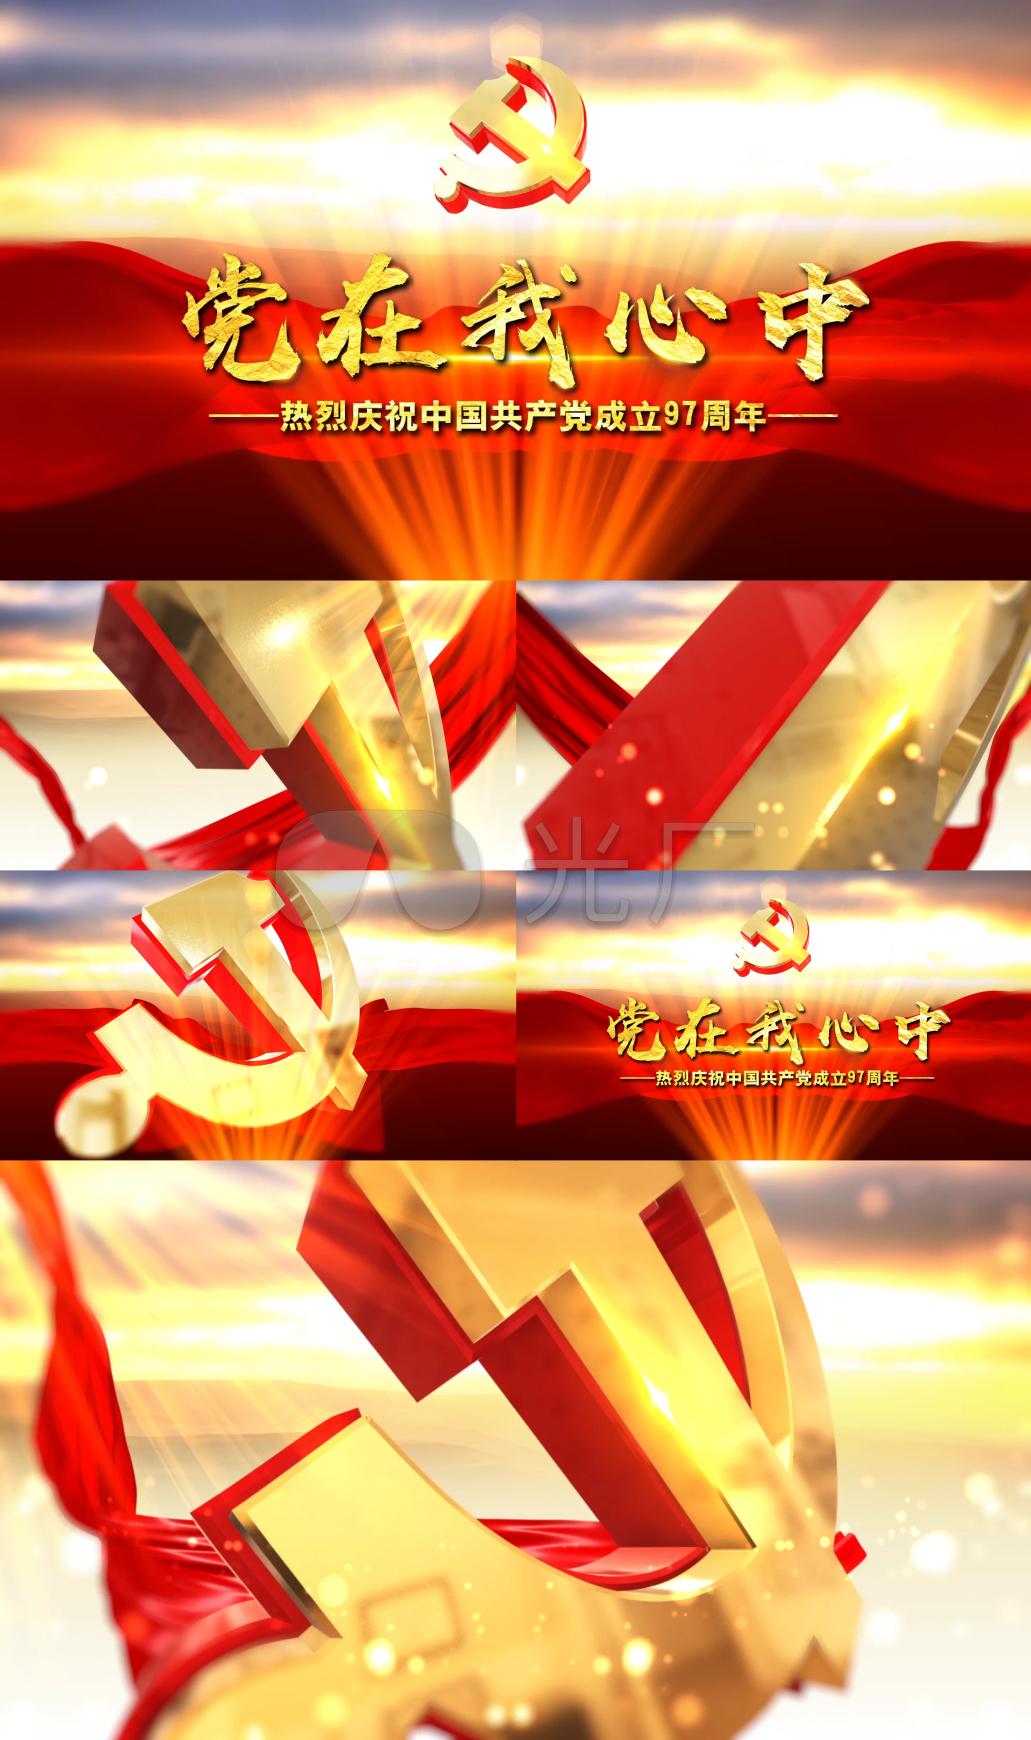 党政金属文字片头Premiere模板B-